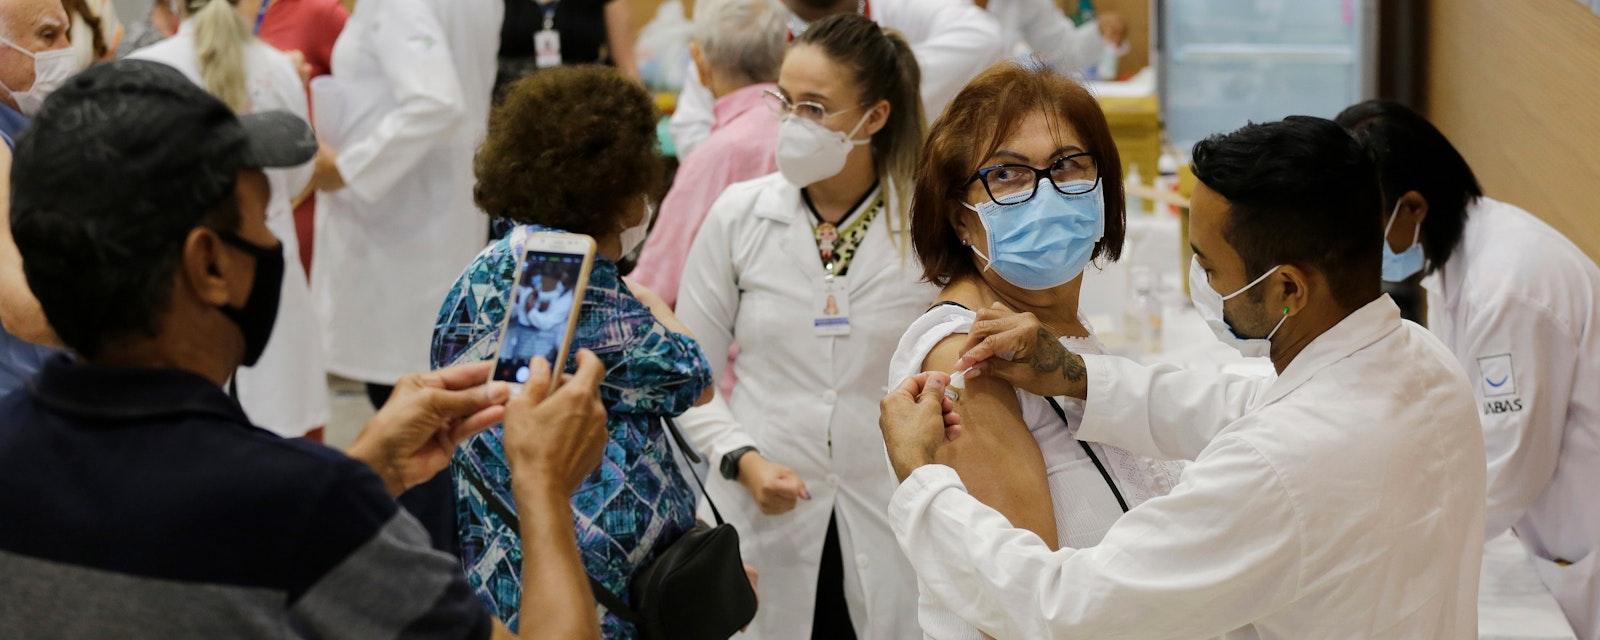 Sao,Paulo,,Sp,,Brazil,-,February,9,,2021:,A,Nurse